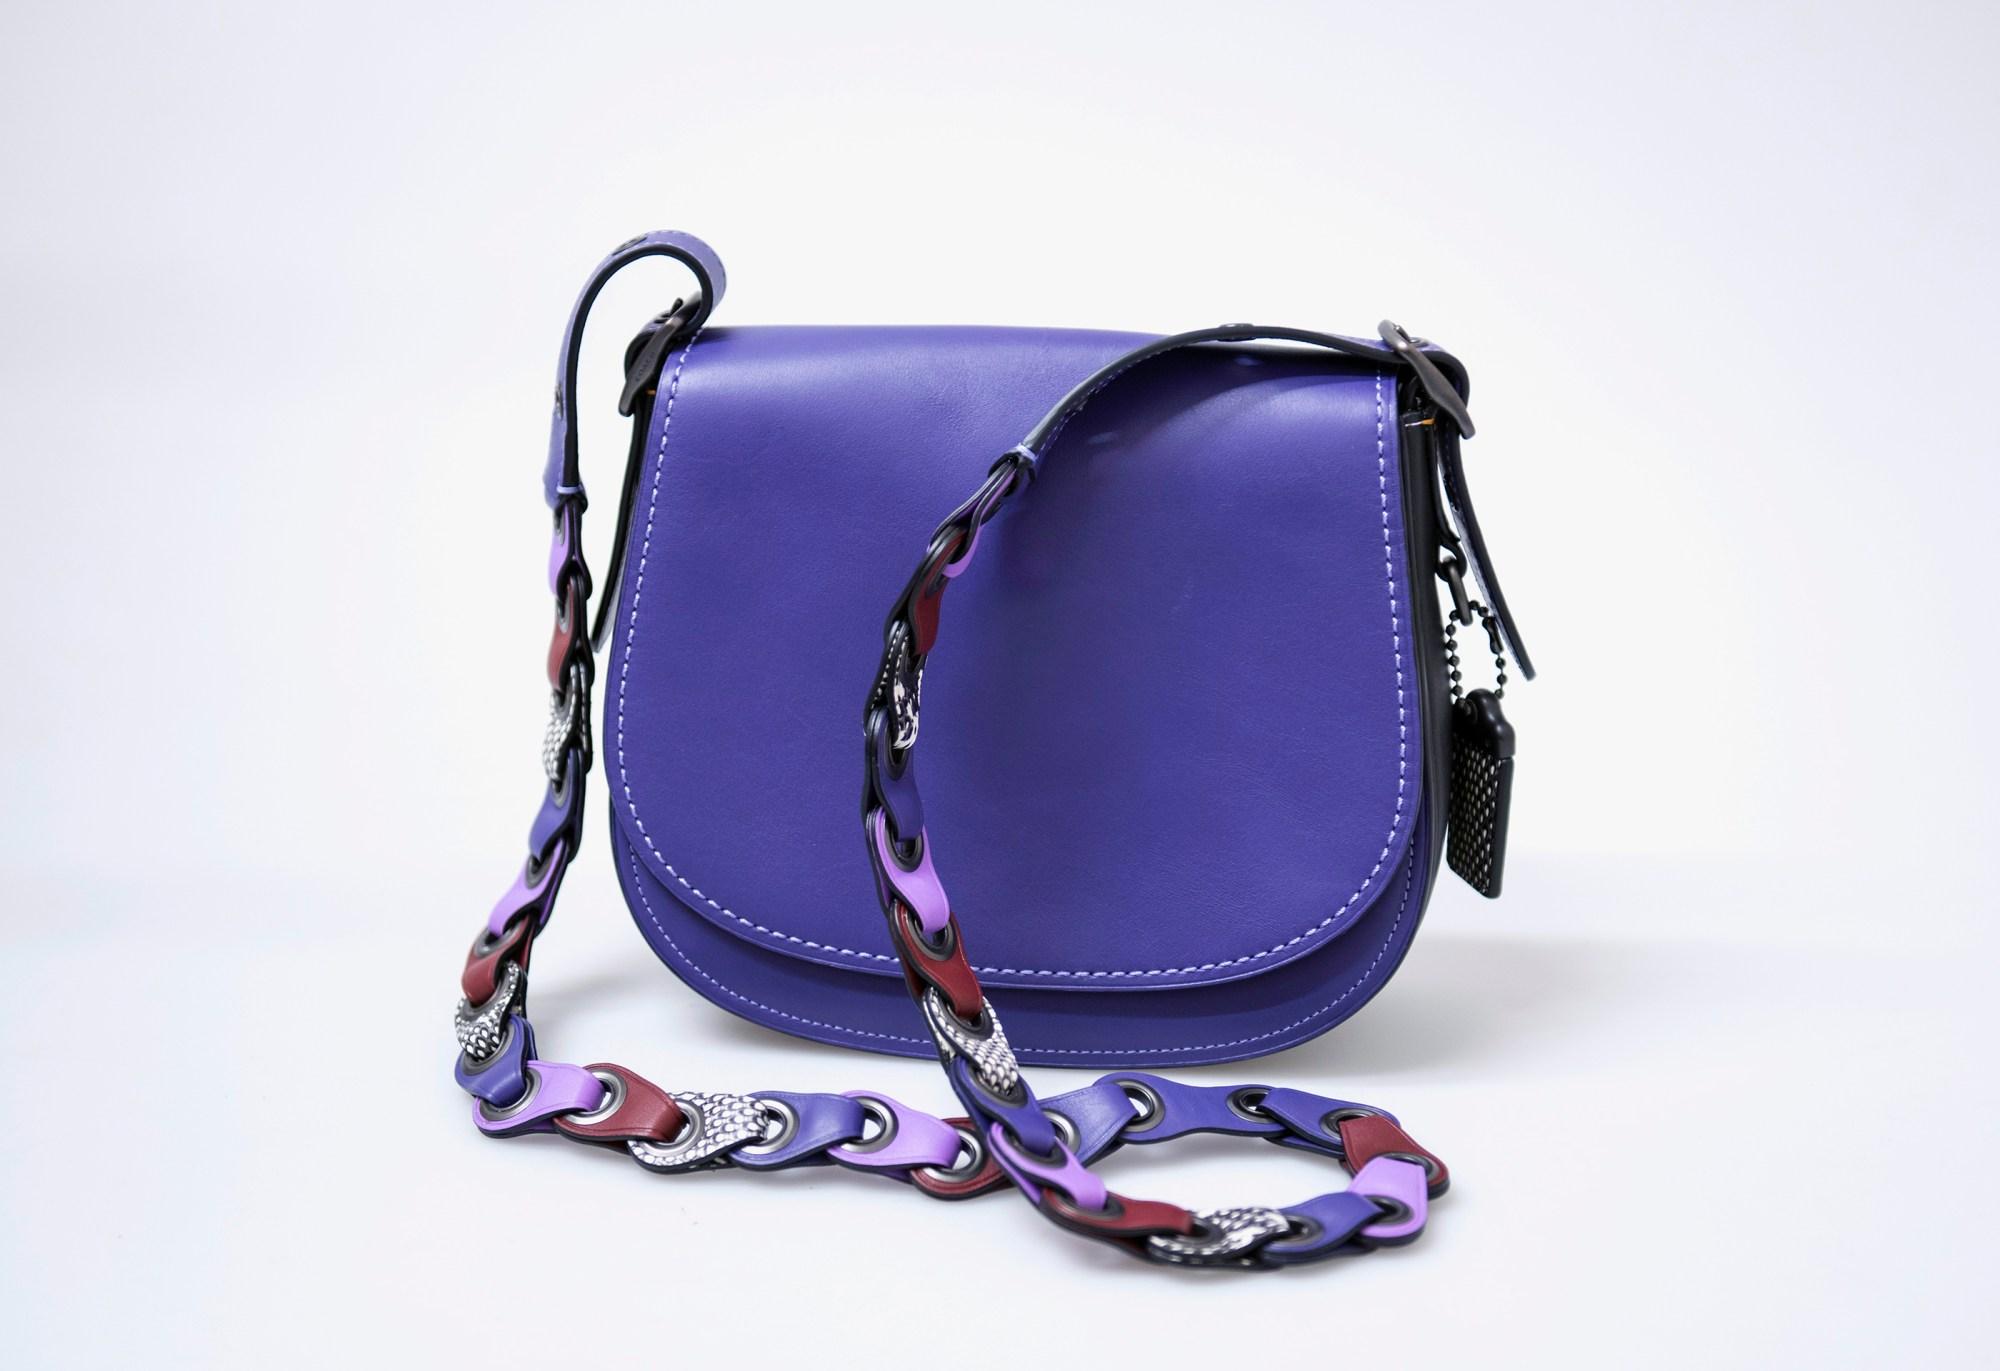 hight resolution of coa 06 01 17 handbag